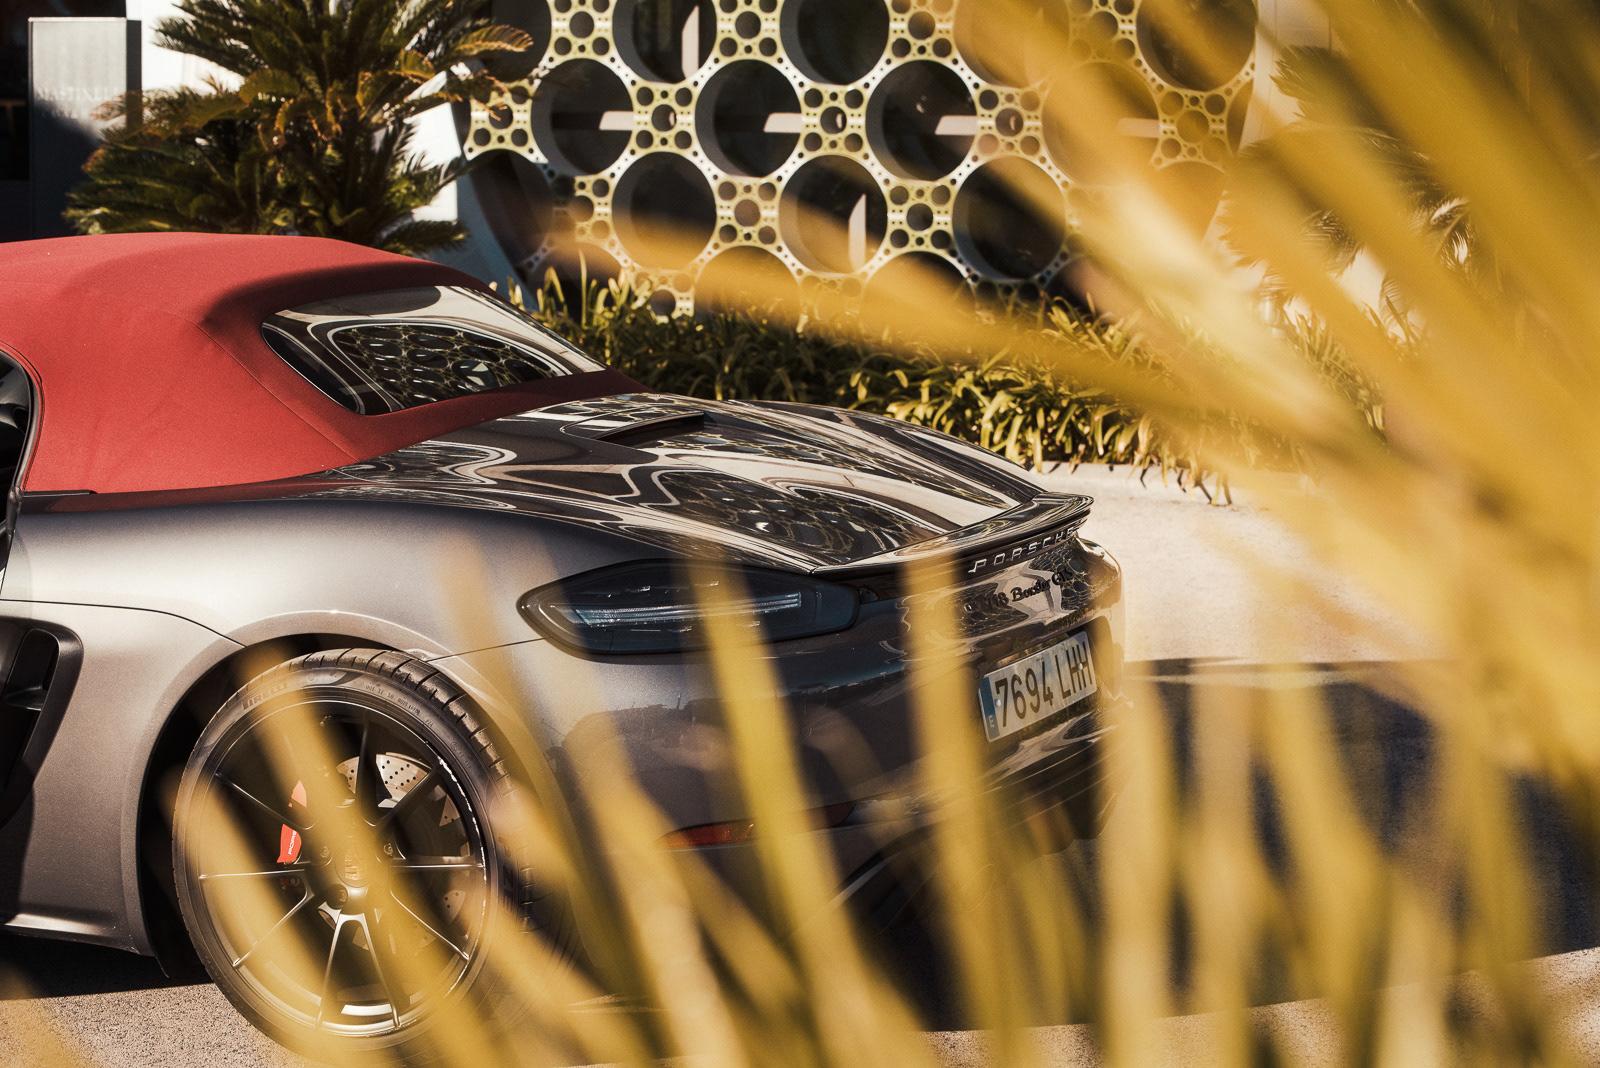 Mediterranean Road Trip with Porsche Boxster